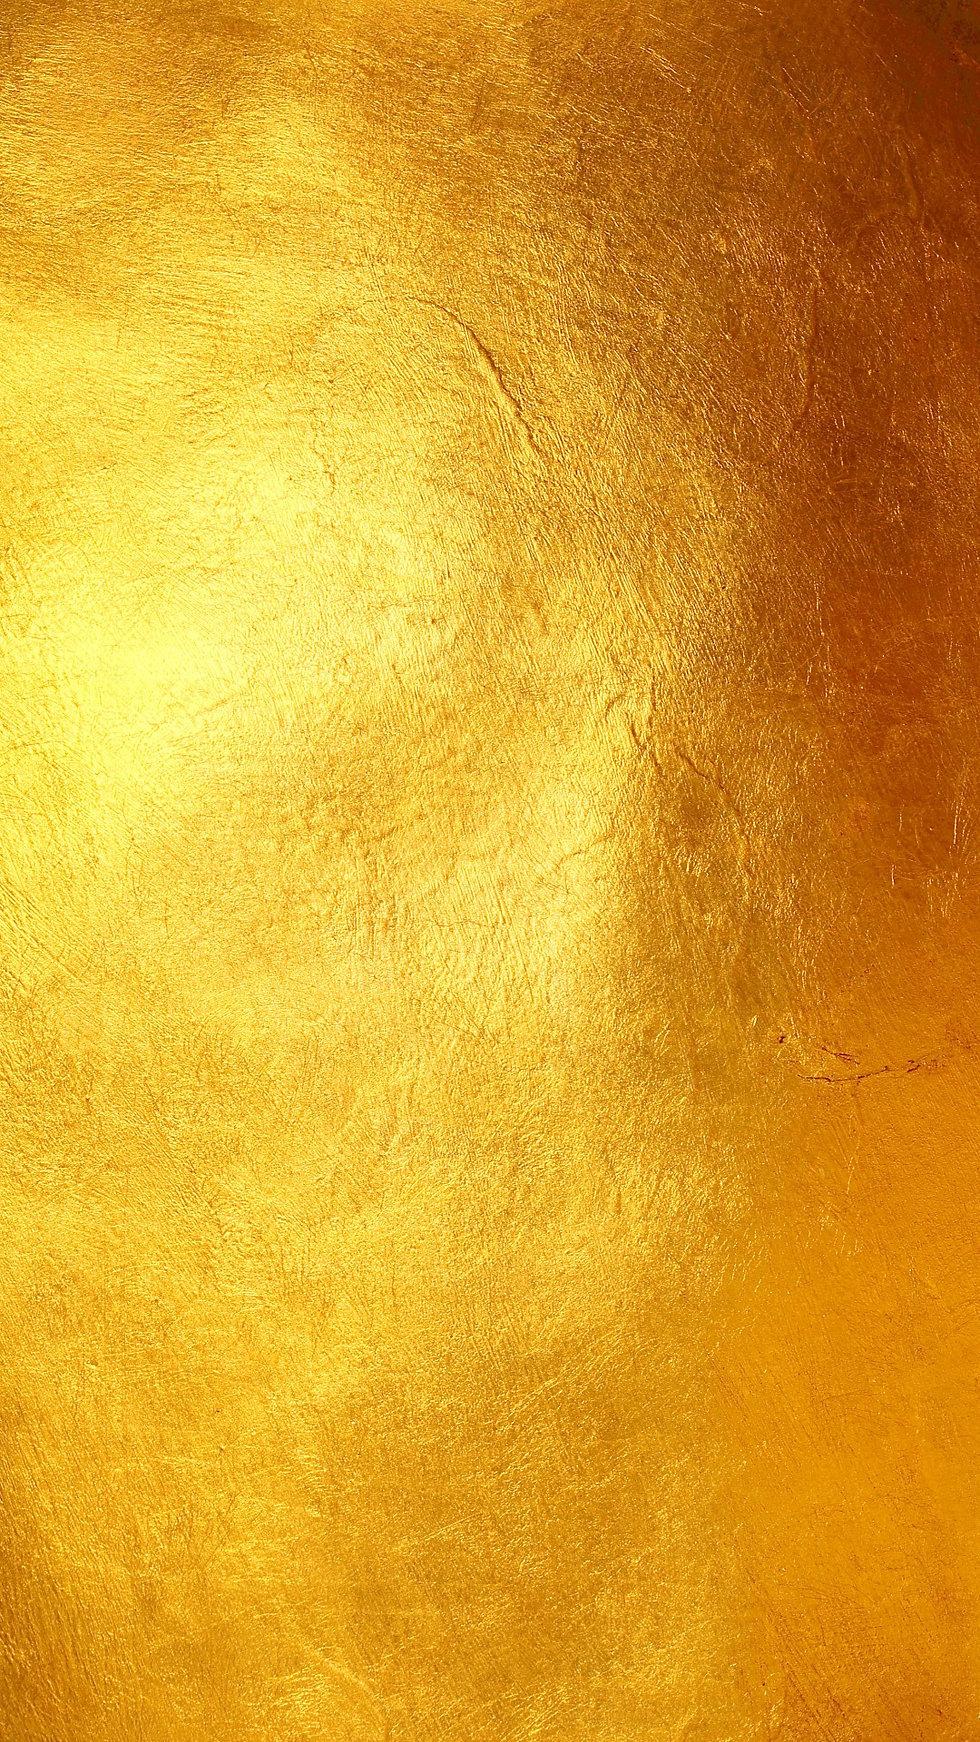 gold-texture-golden-zoloto-fon-3619_edit